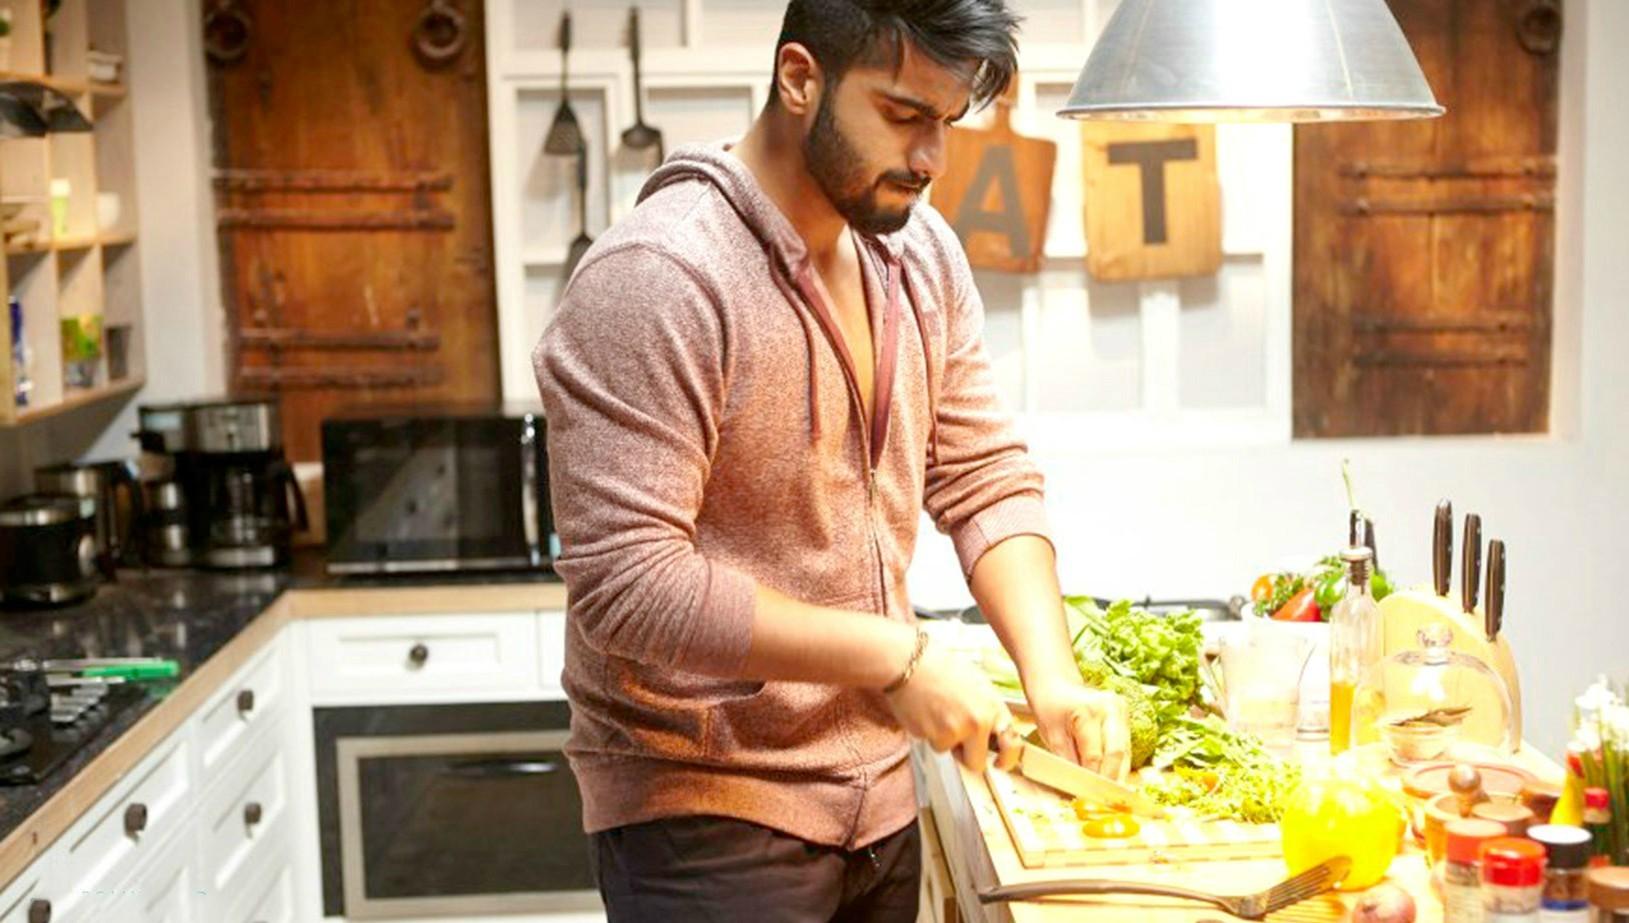 Arjun Kapoor plays a man who feels homekeeping is an art